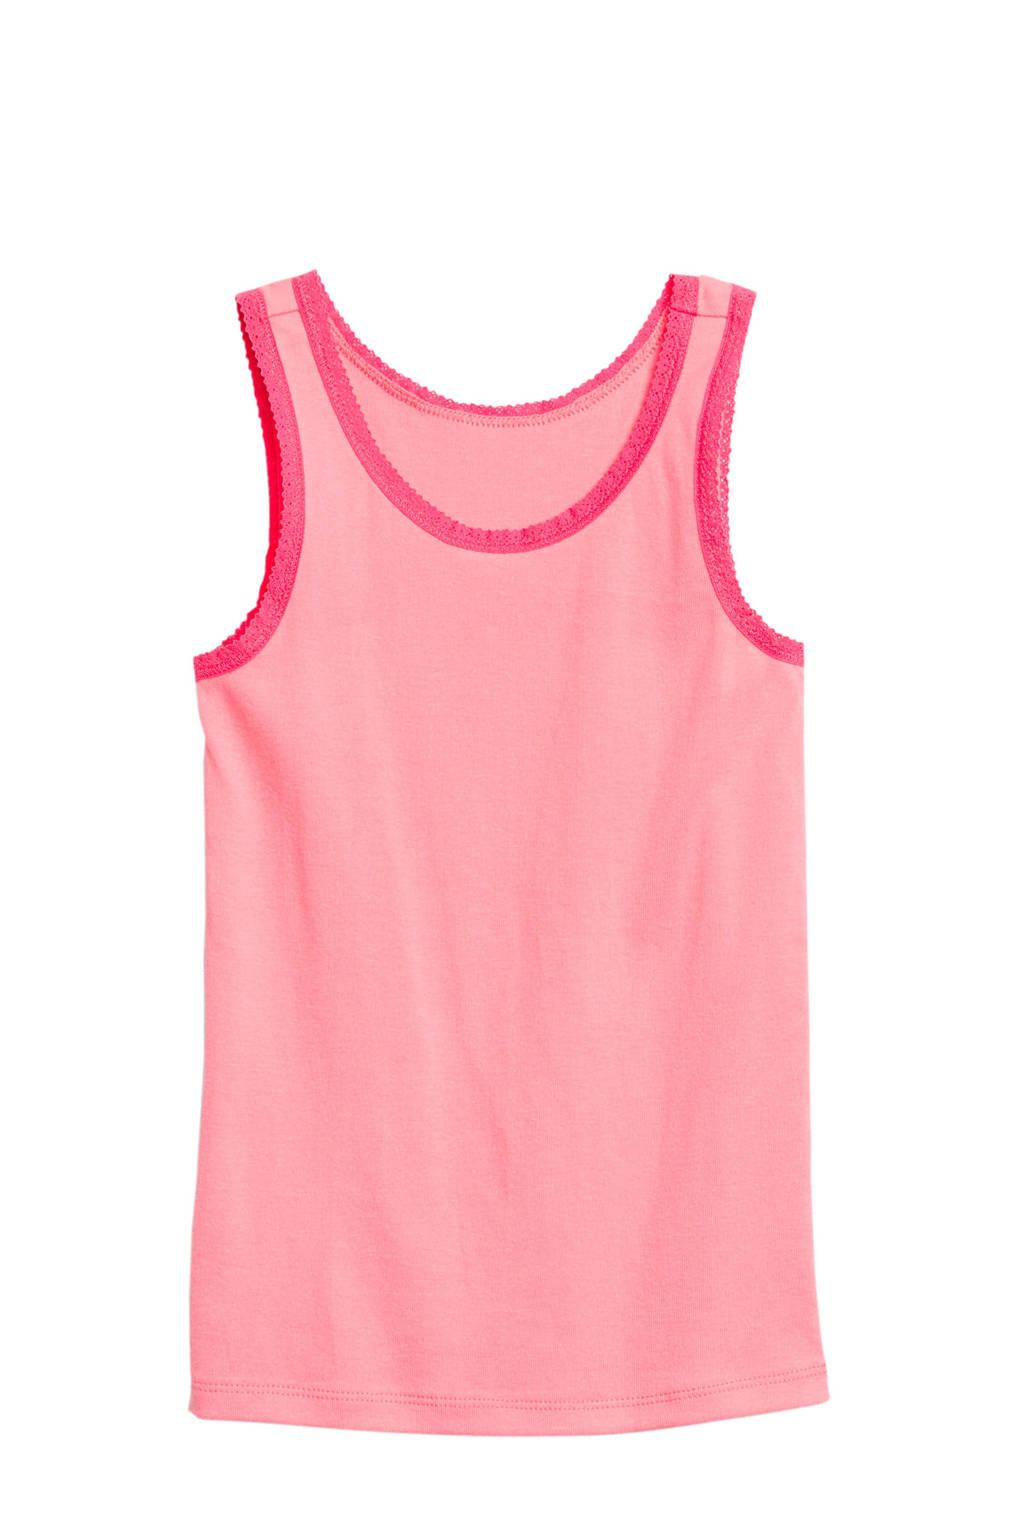 GAP singlet roze, Roze